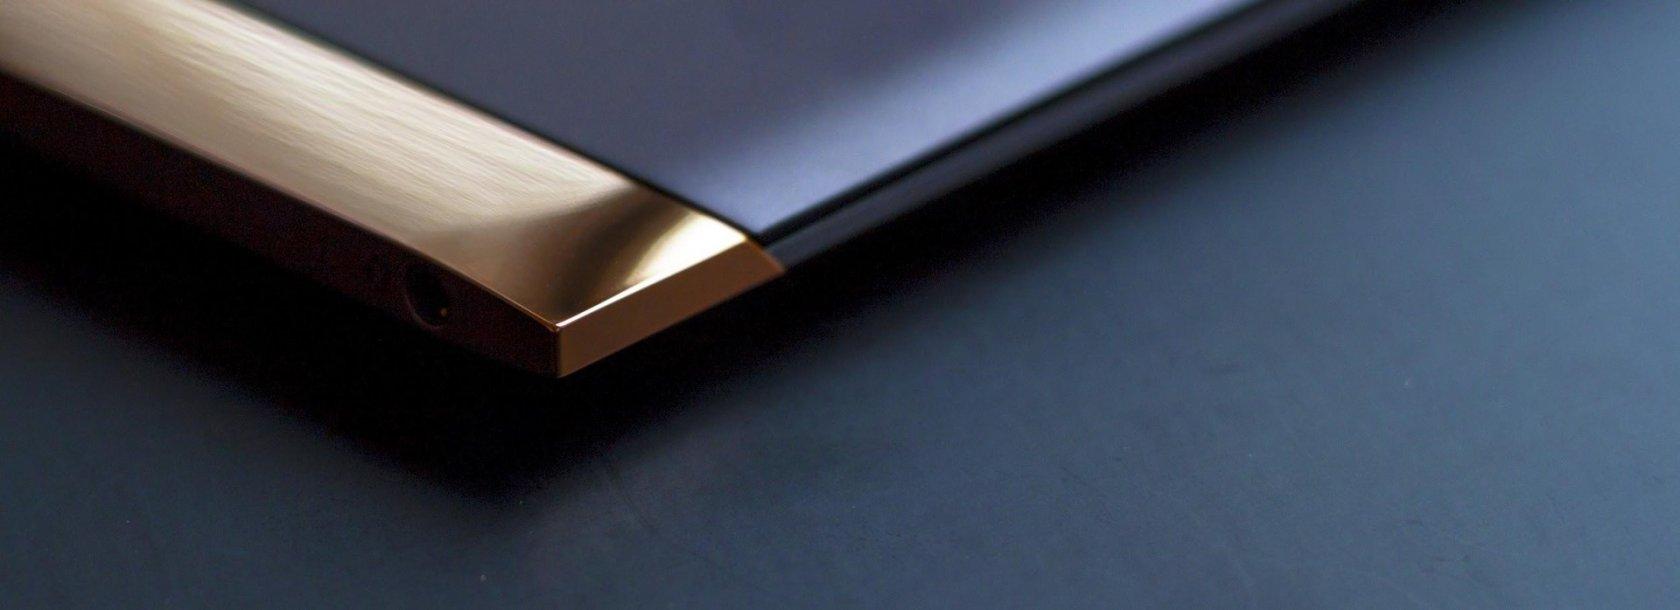 Технологии и дизайн в одном устройстве. Ноутбук HP Spectre 13 - 10